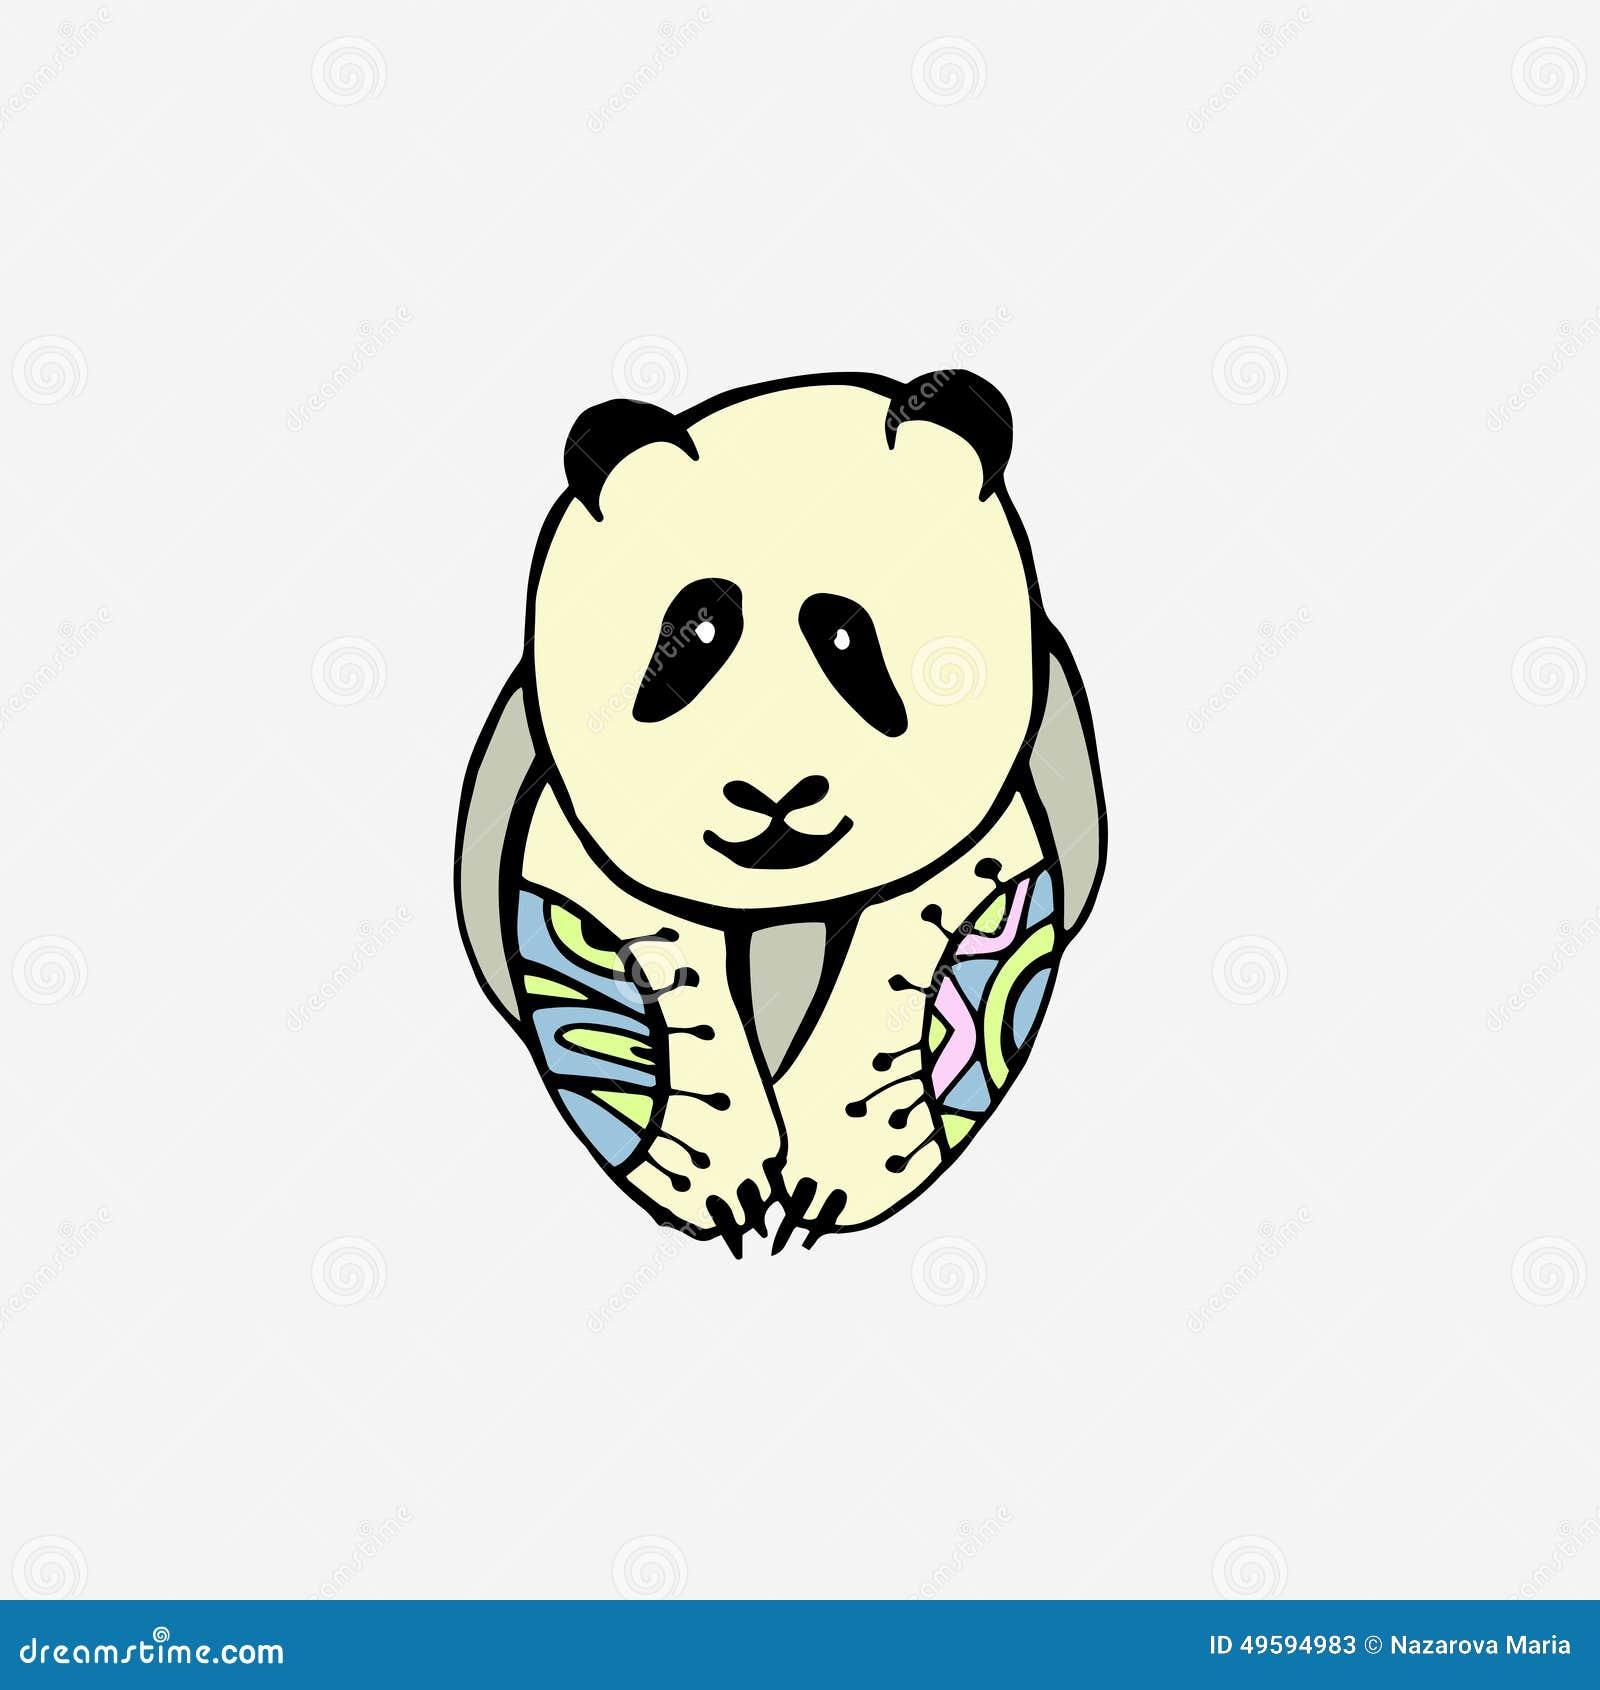 用手被画的熊猫装饰物.图片